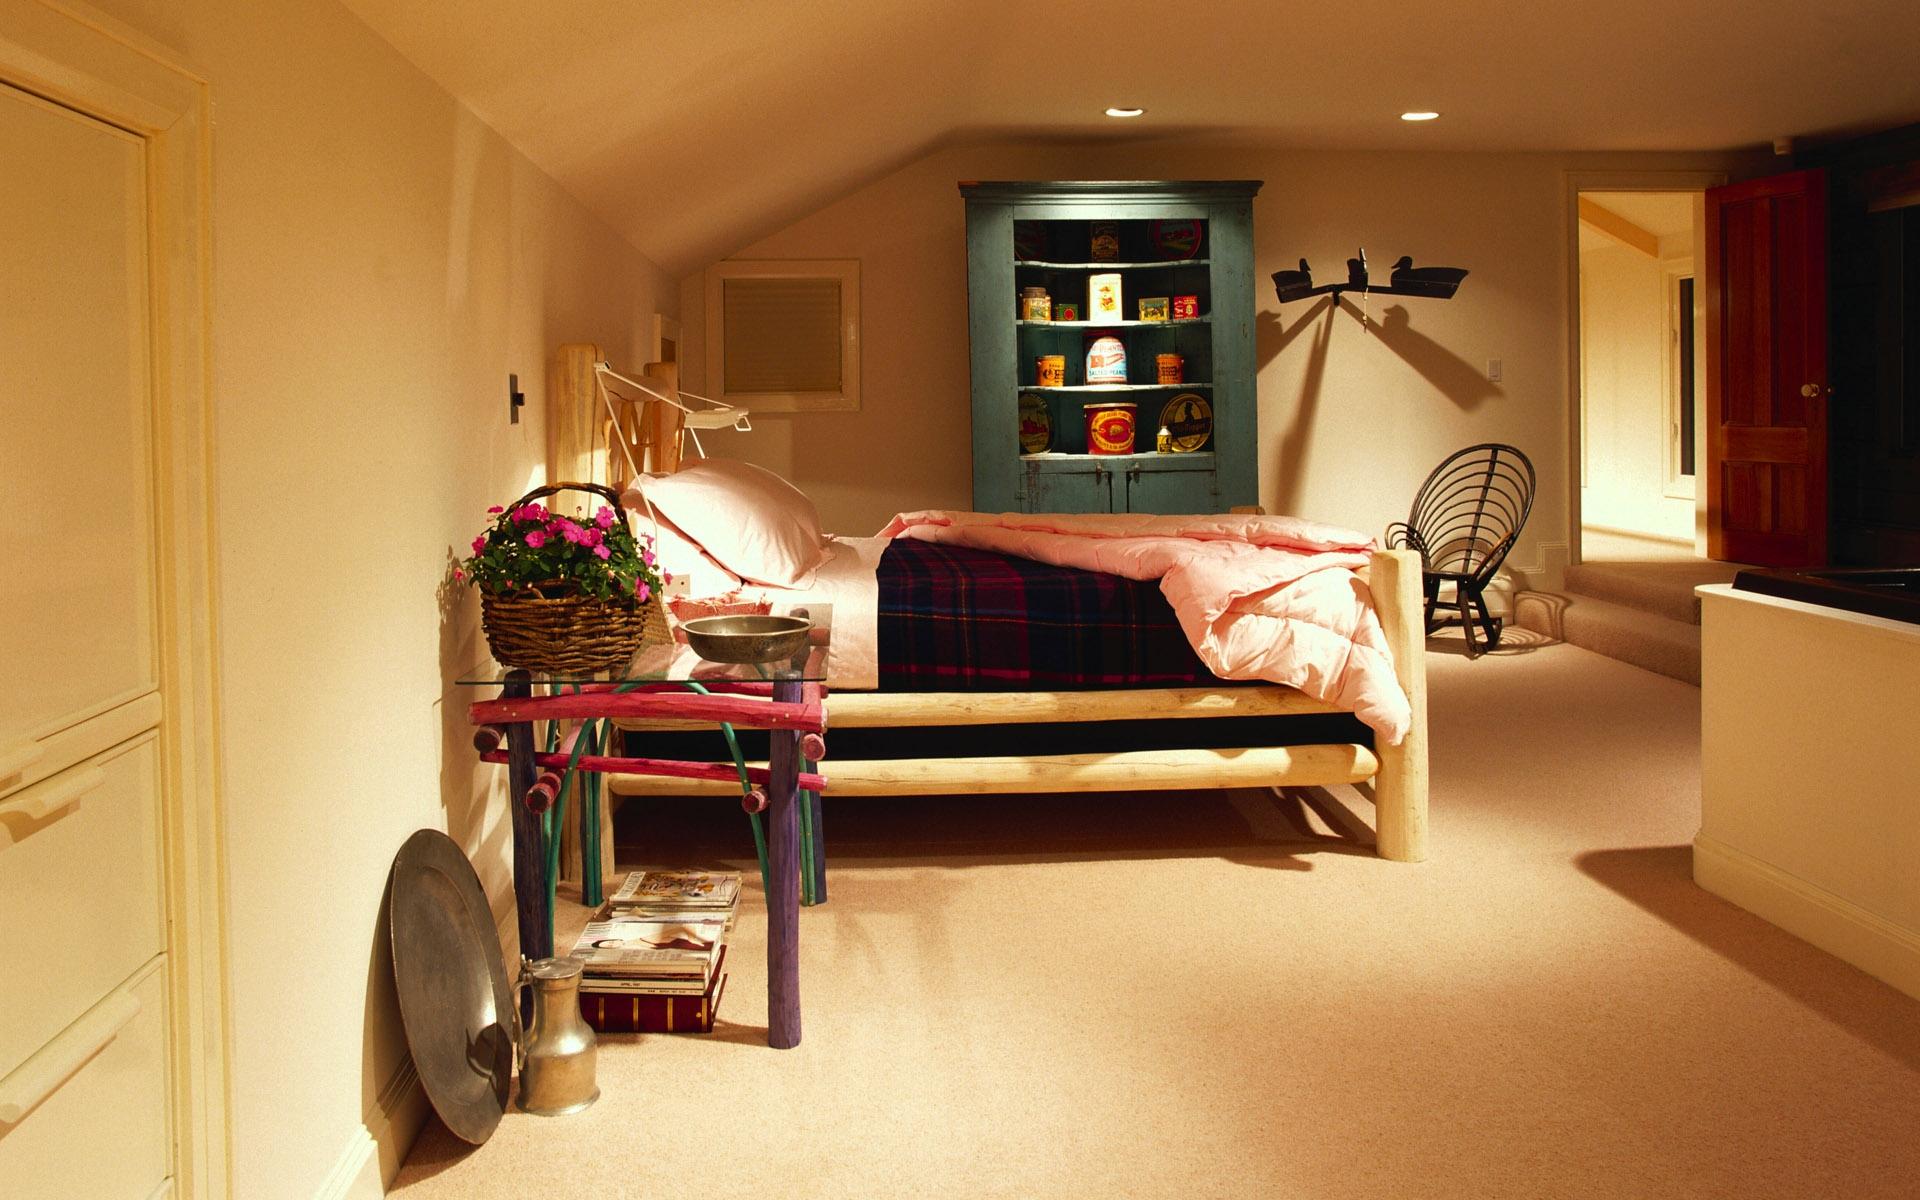 комната в ретро стиле картинки пресеты, которыми располагает